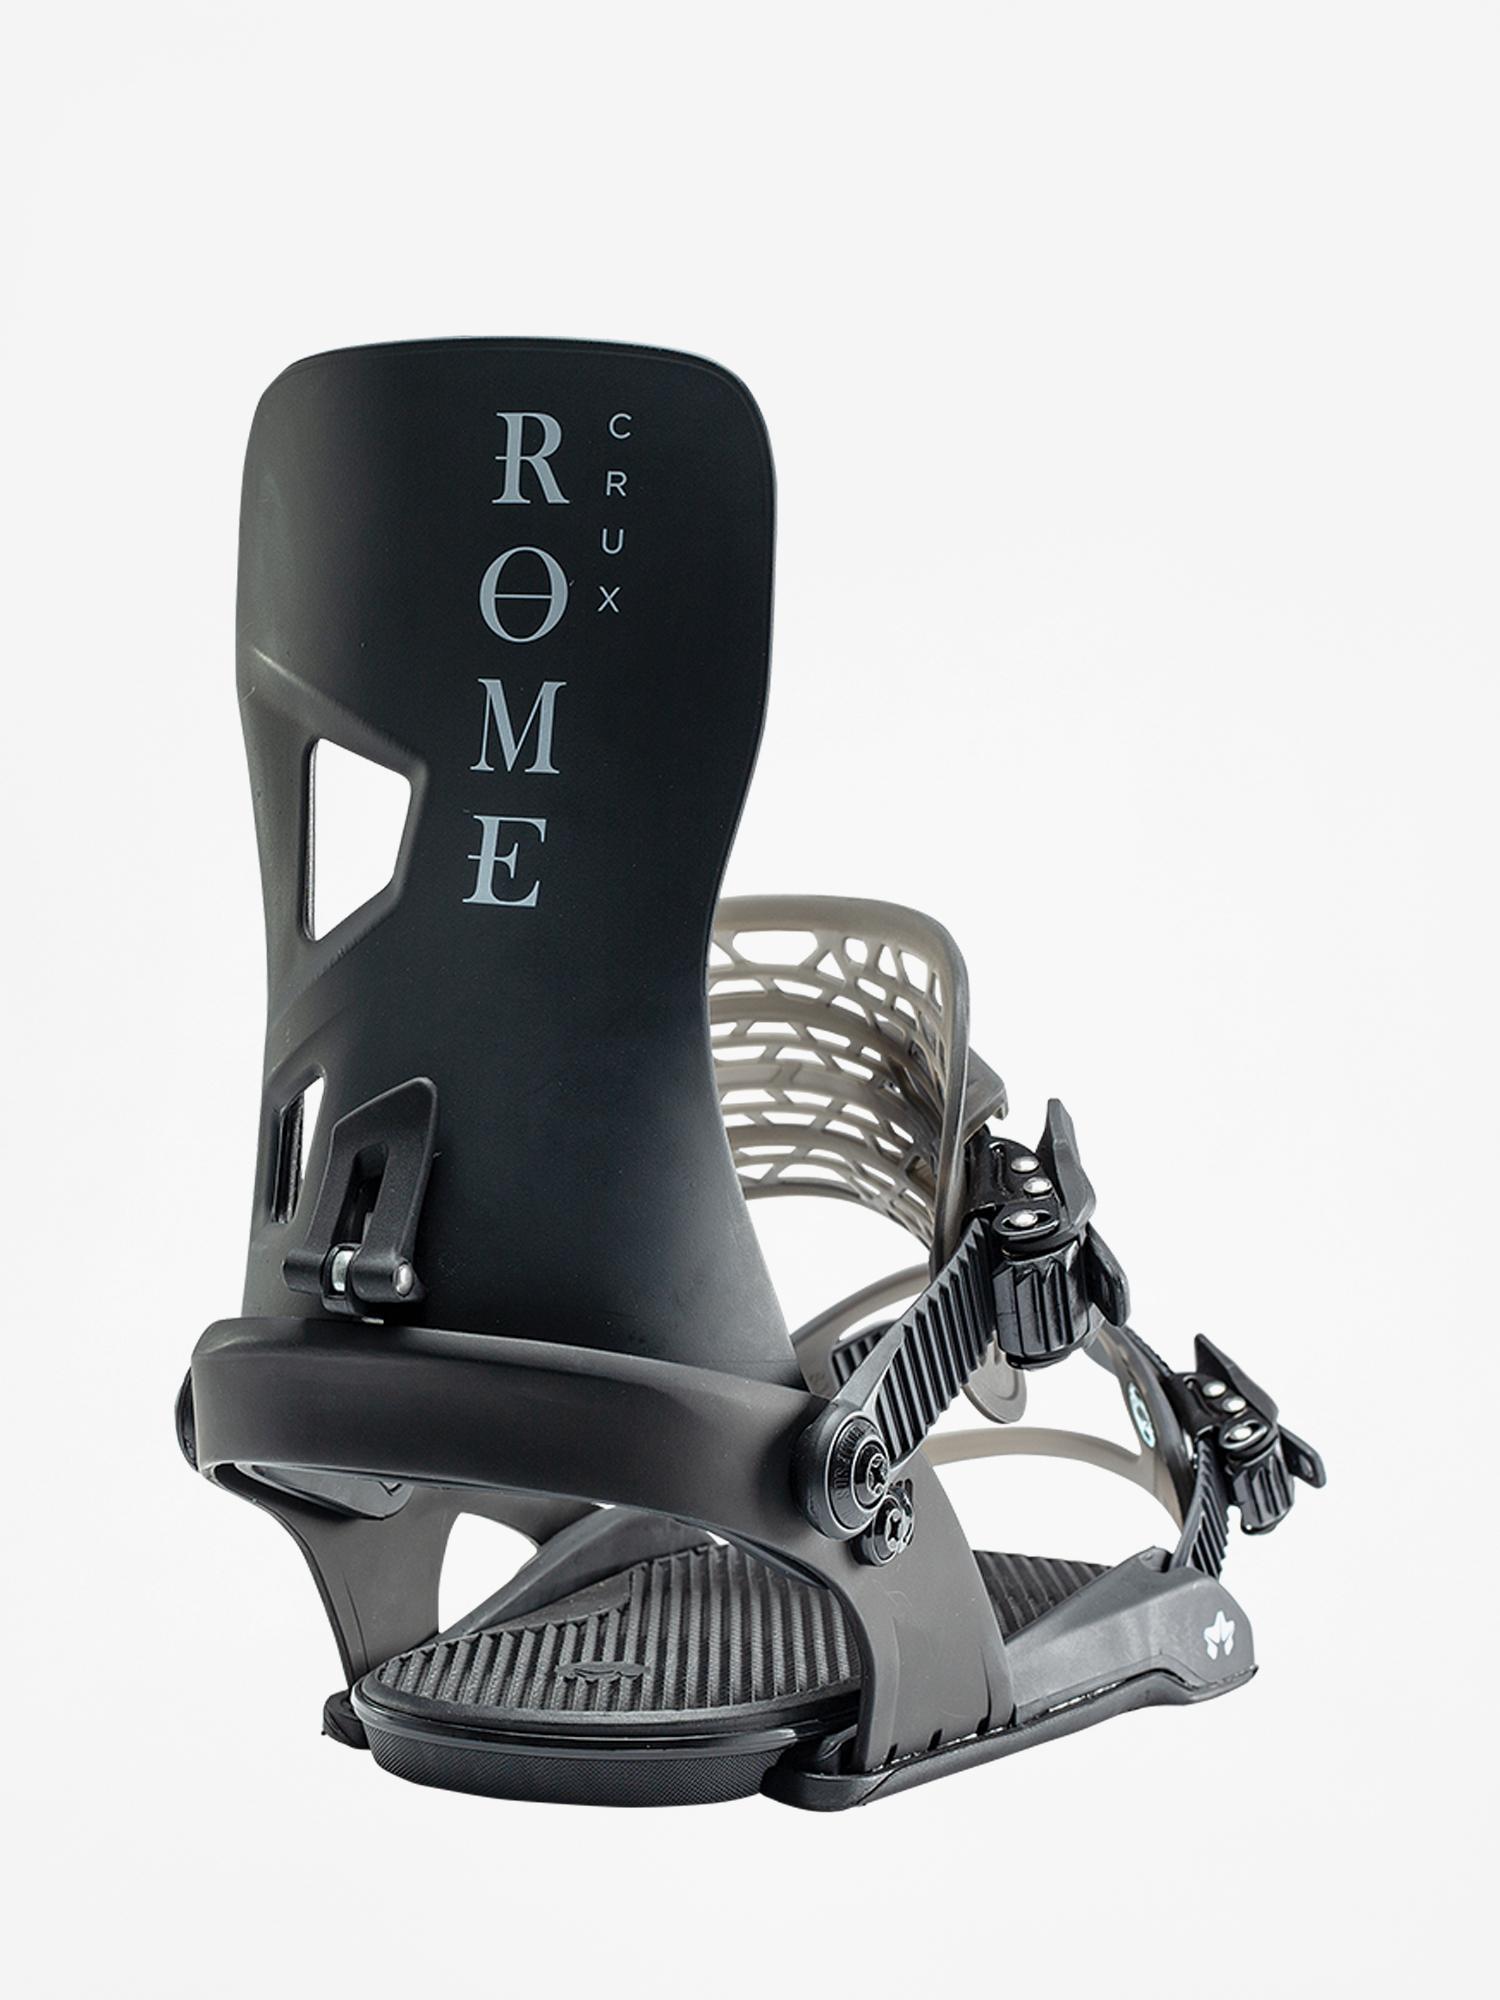 Wiązania snowboardowe Rome Crux (black)